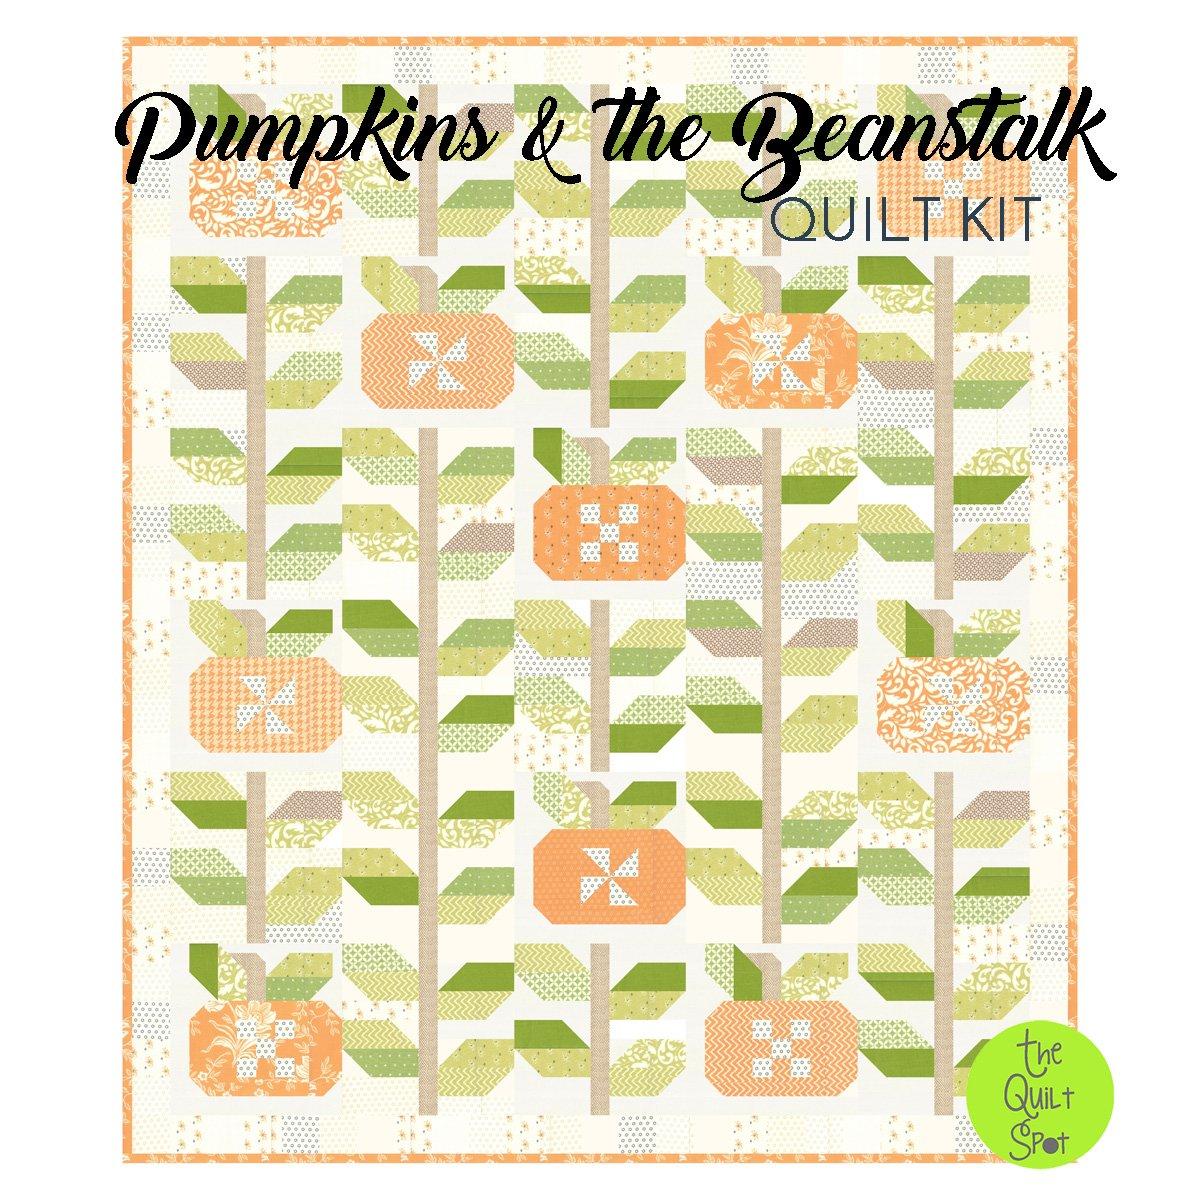 Pumpkins & the Beanstalk Quilt Kit